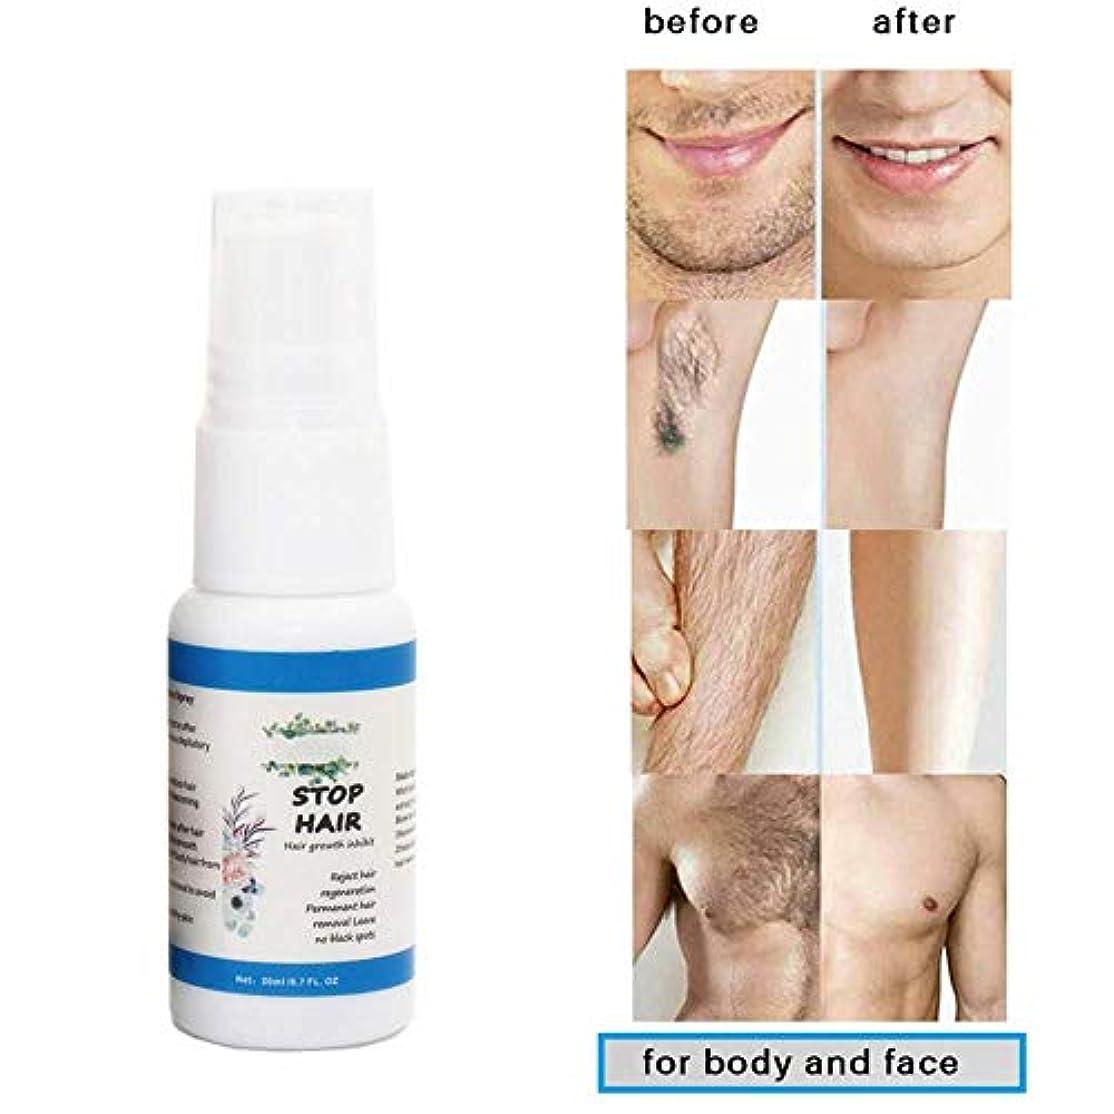 無意識みなさん促す脱毛スプレー阻害剤発毛血清発毛除去を防ぎます修理脱毛剤製品ナチュラル非刺激栄養毛穴シュリンク20ml